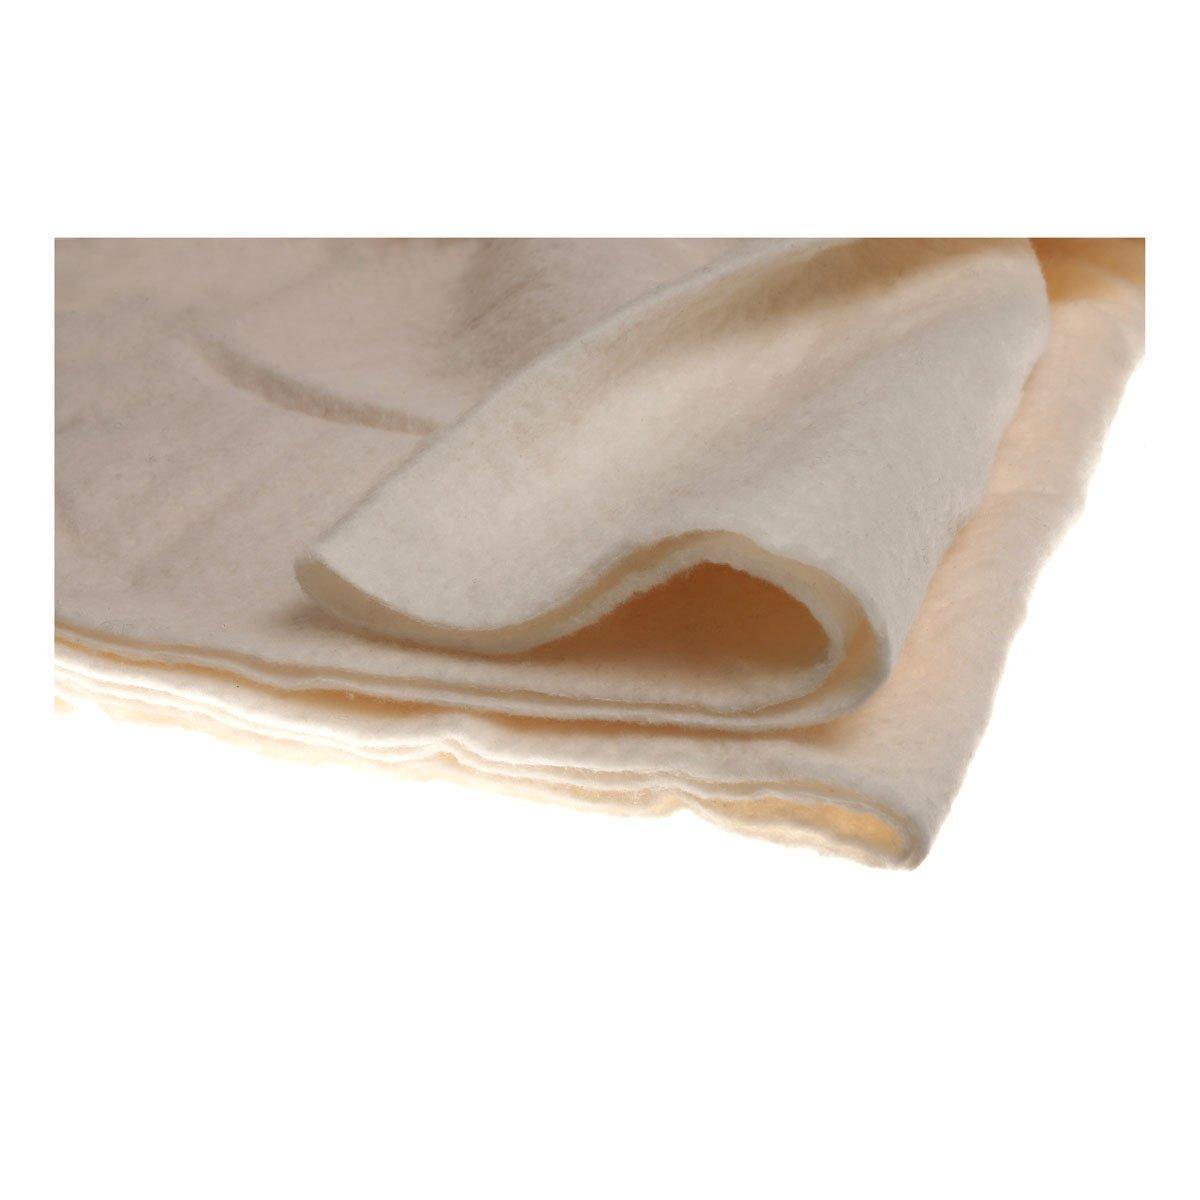 Hobbs Craft Piece Heirloom Cotton Scrim Batting, White HNS36